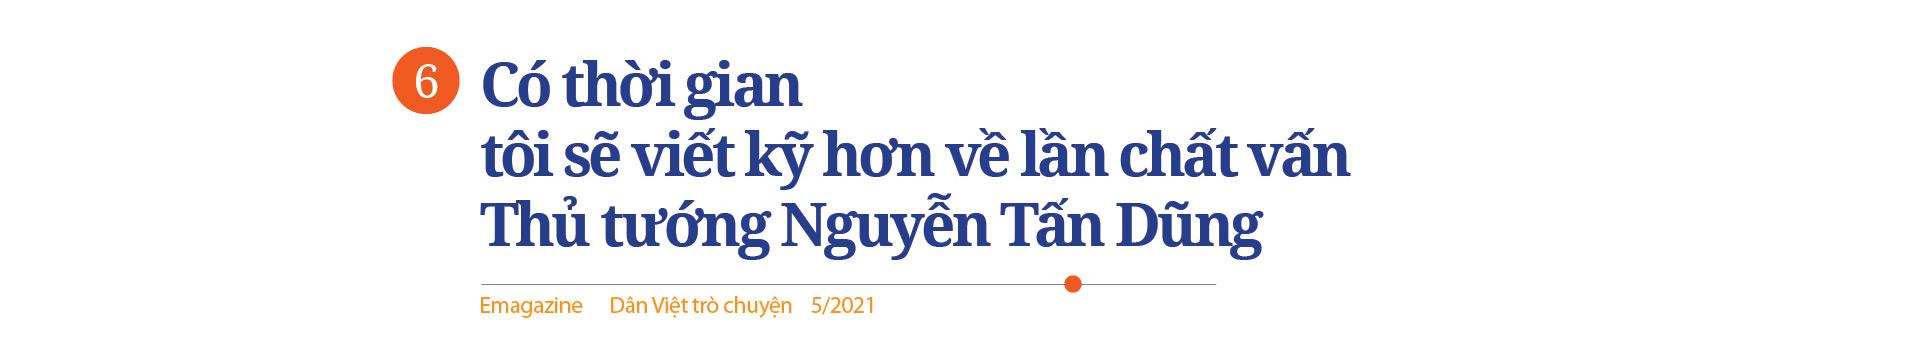 Ông Dương Trung Quốc chia sẻ những chuyện ít người biết sau 20 năm gắn bó nghị trường - Ảnh 10.